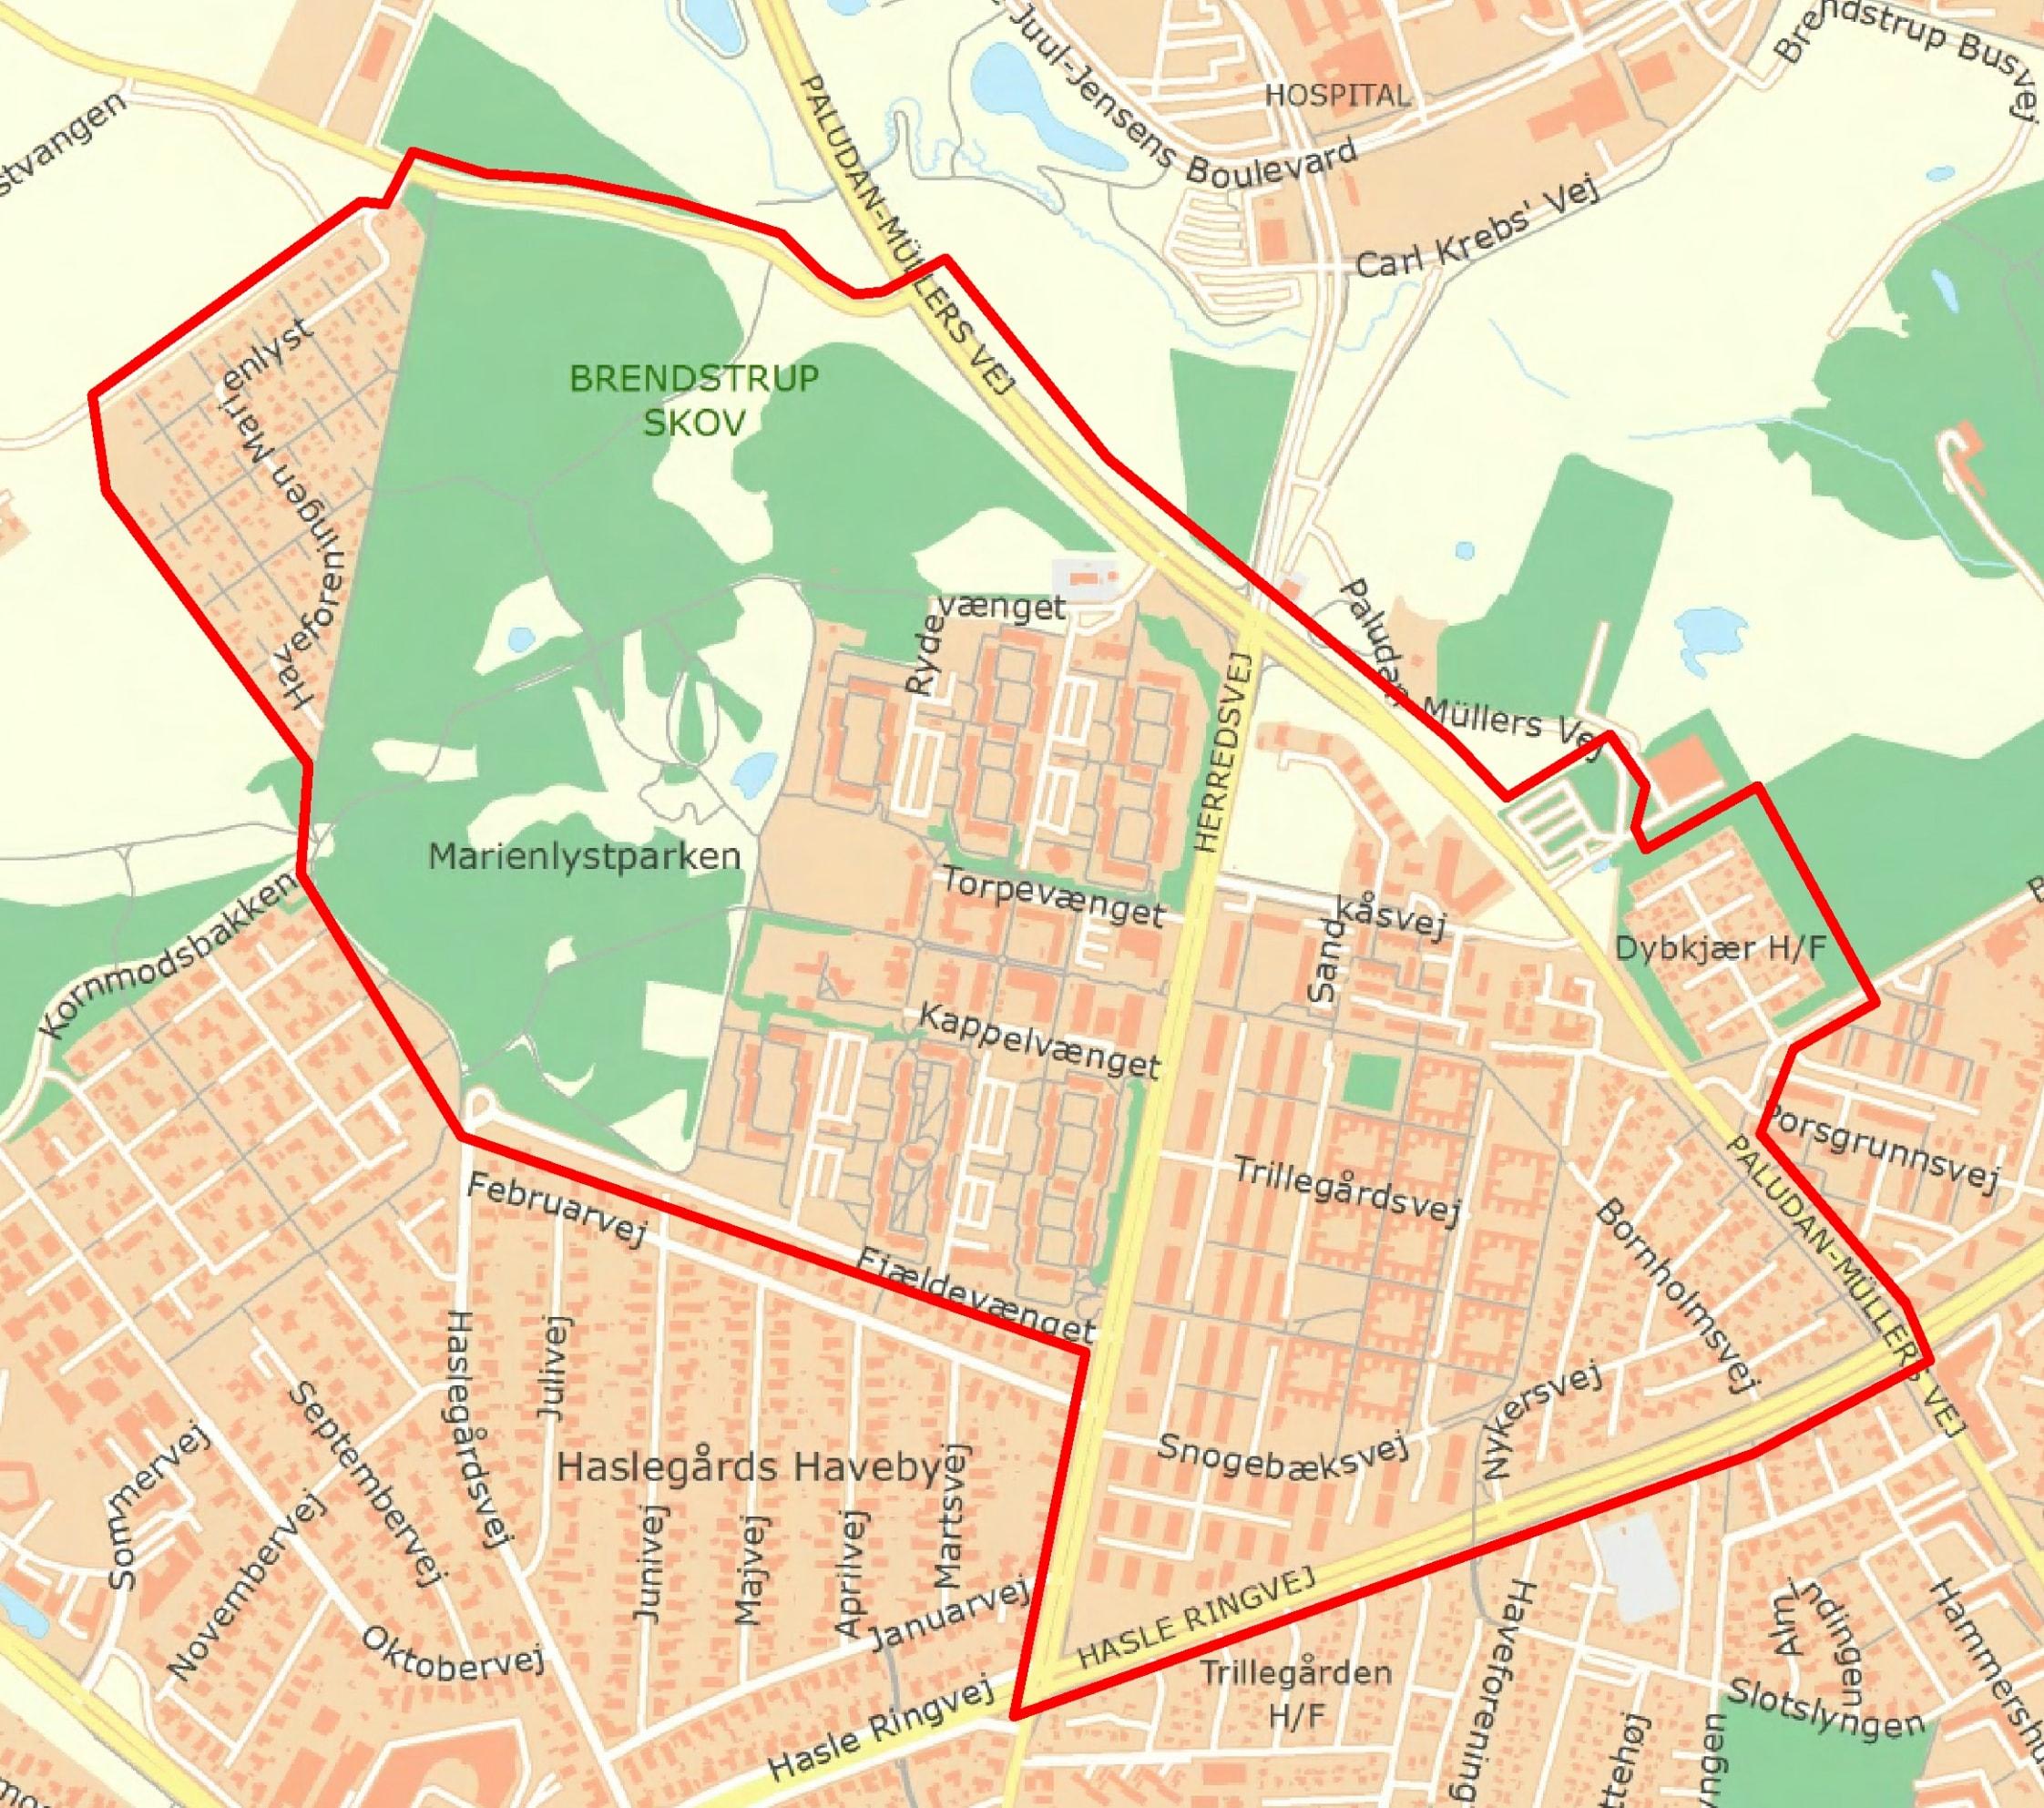 Visitationszoner i Trillegården/Herredsvang jan/feb 2021